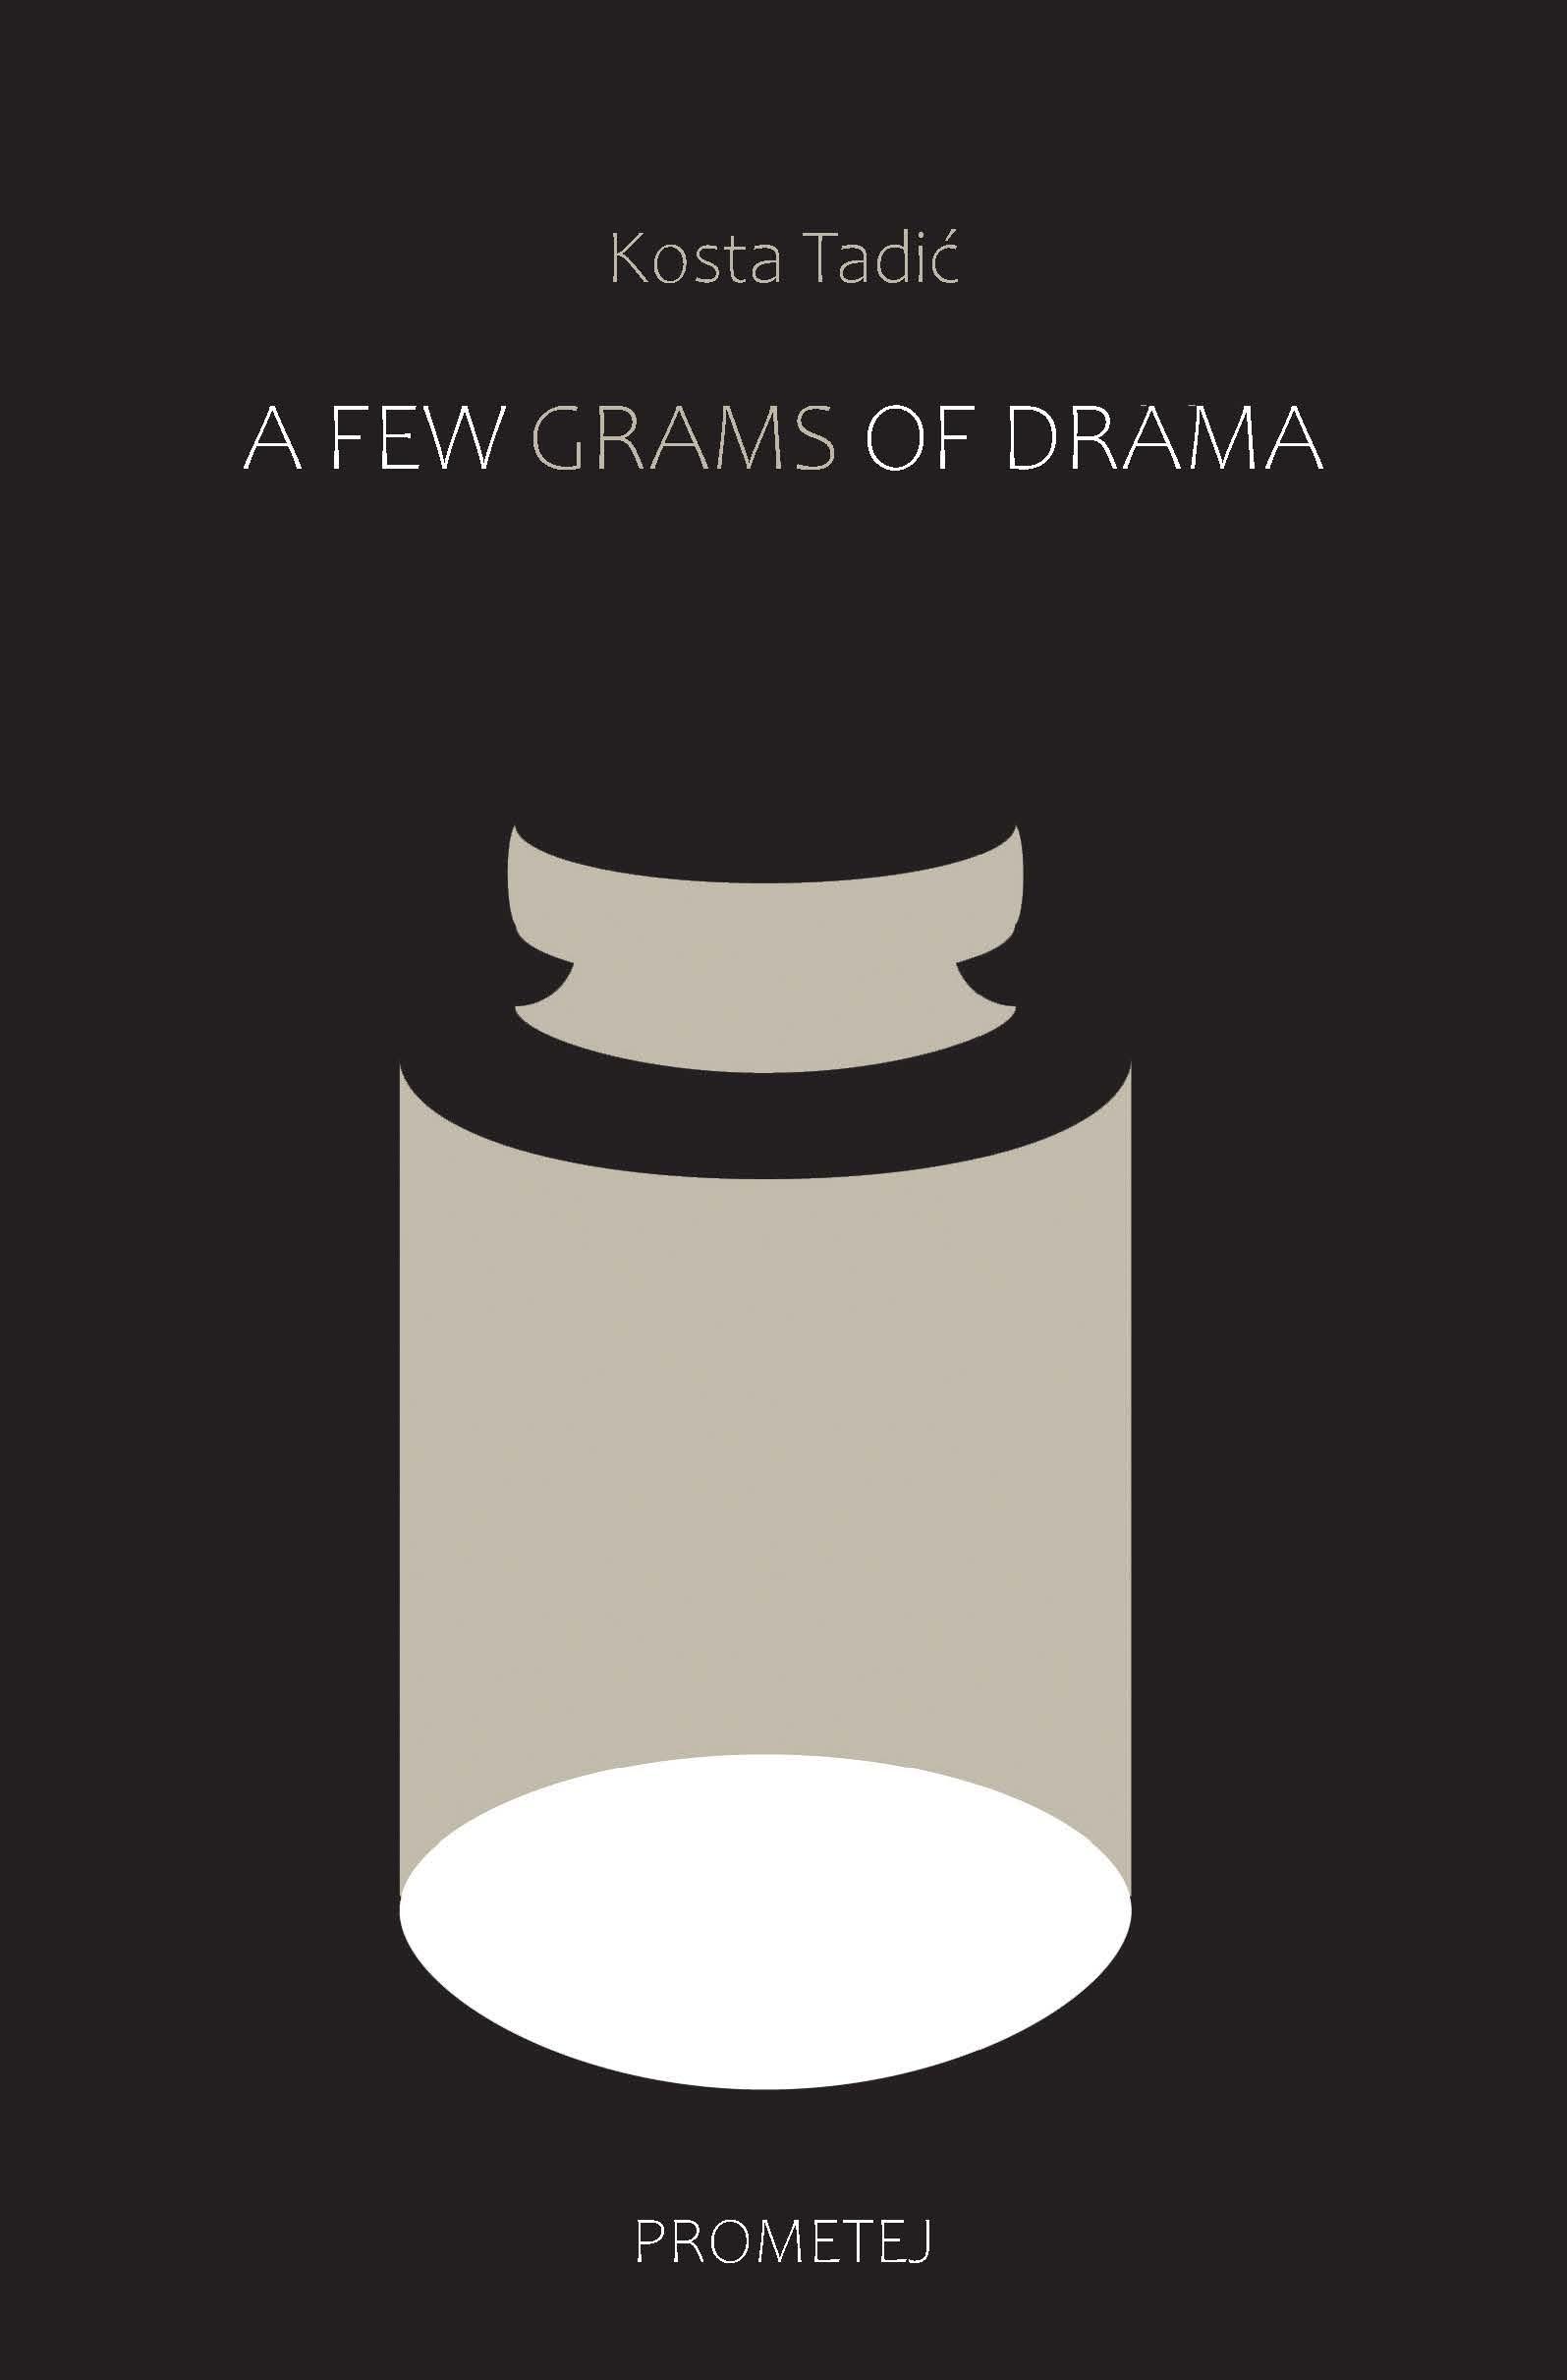 A few grams of drama